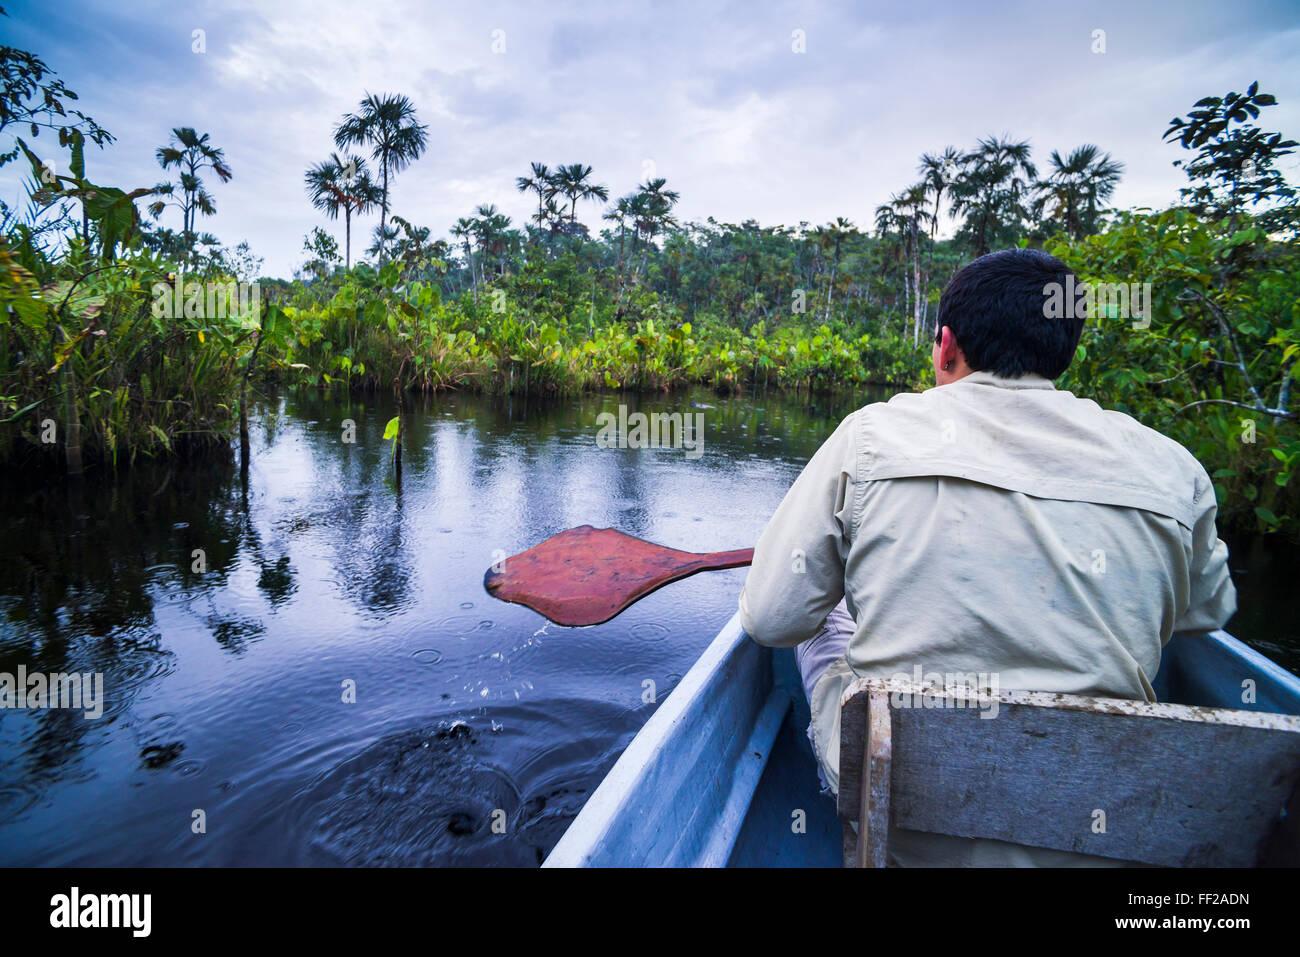 Pirogue en barque dans des voies navigables étroites, Amazon Rainforest, Coca, Equateur, Amérique du Sud Photo Stock